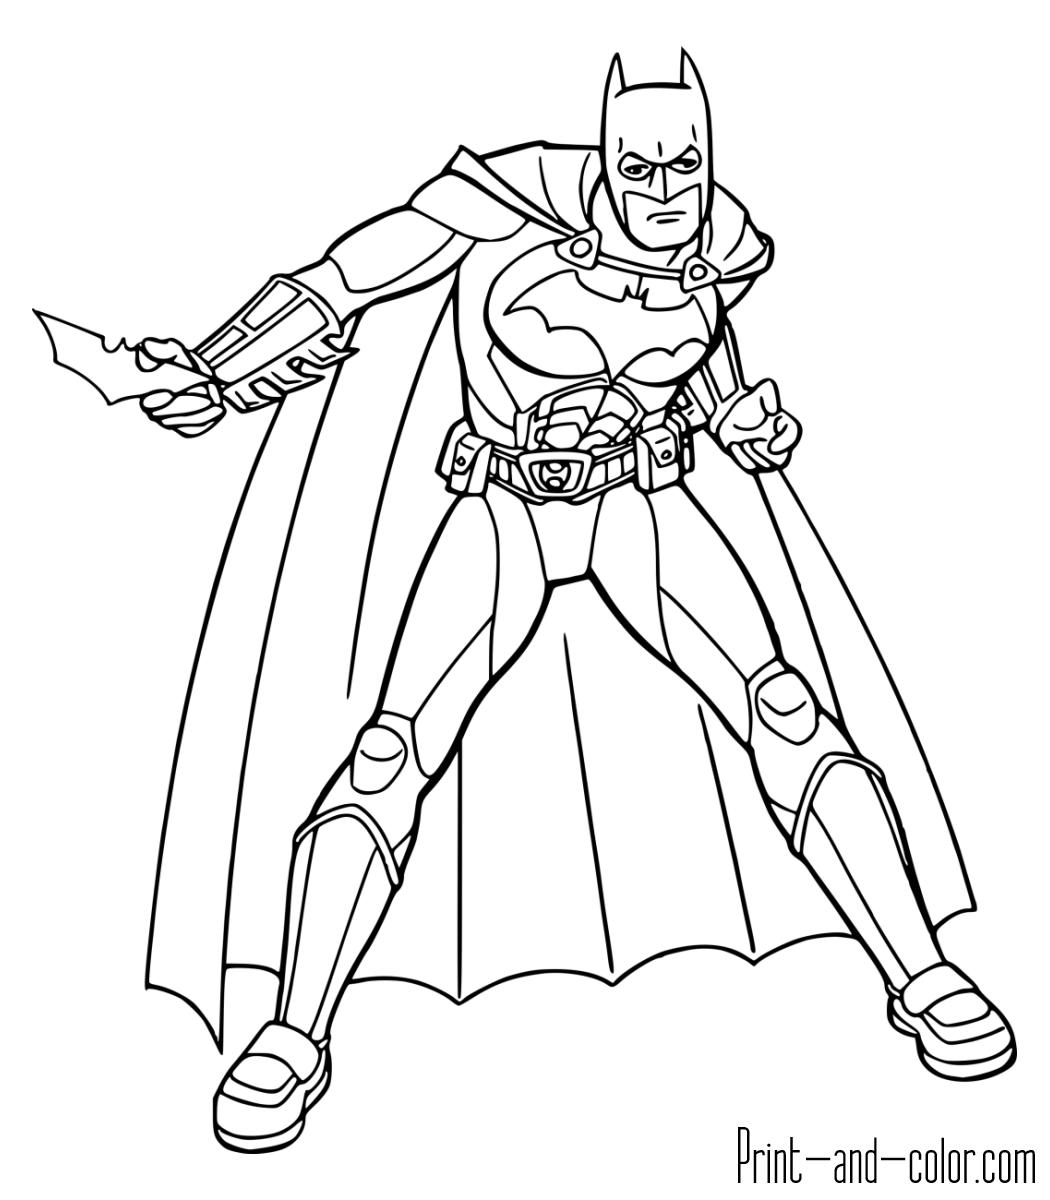 batman coloring pages online batman coloring pages print and colorcom coloring pages batman online